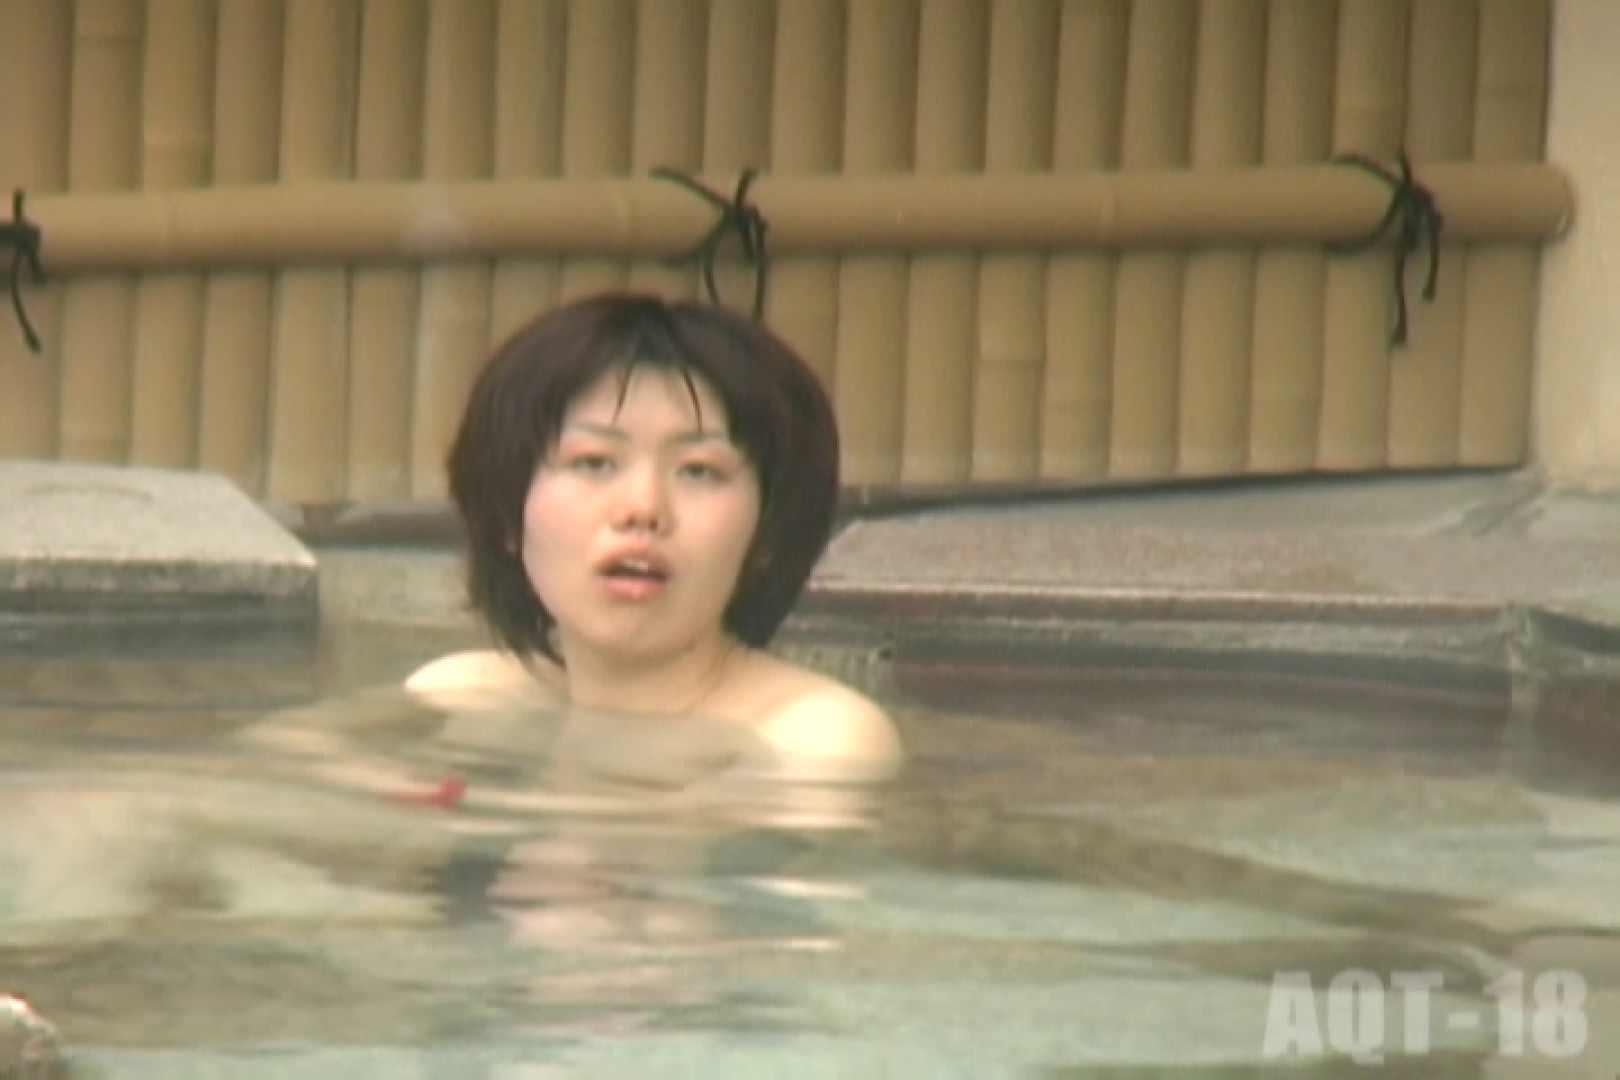 Aquaな露天風呂Vol.861 盗撮師作品 | 美しいOLの裸体  104pic 28